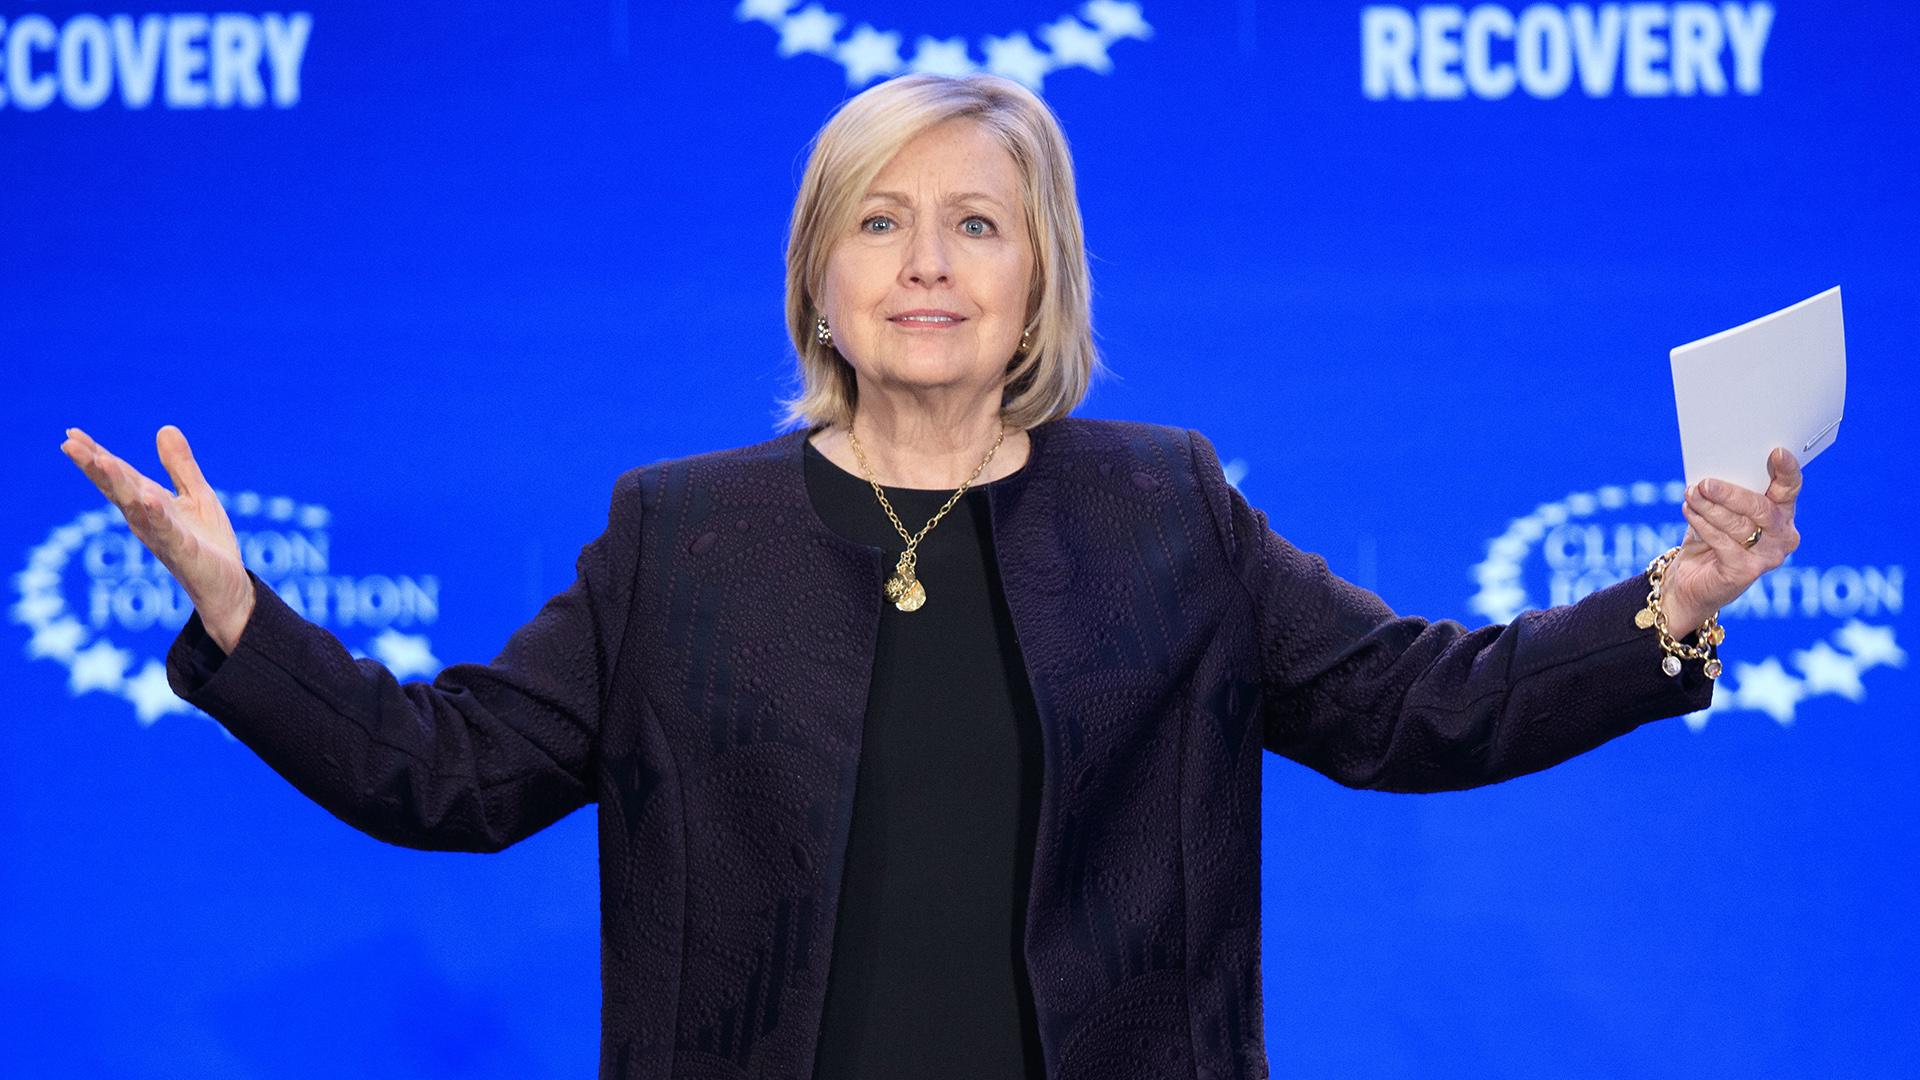 Hillary Clinton conversa sobre la reconstrucción de Puerto Rico